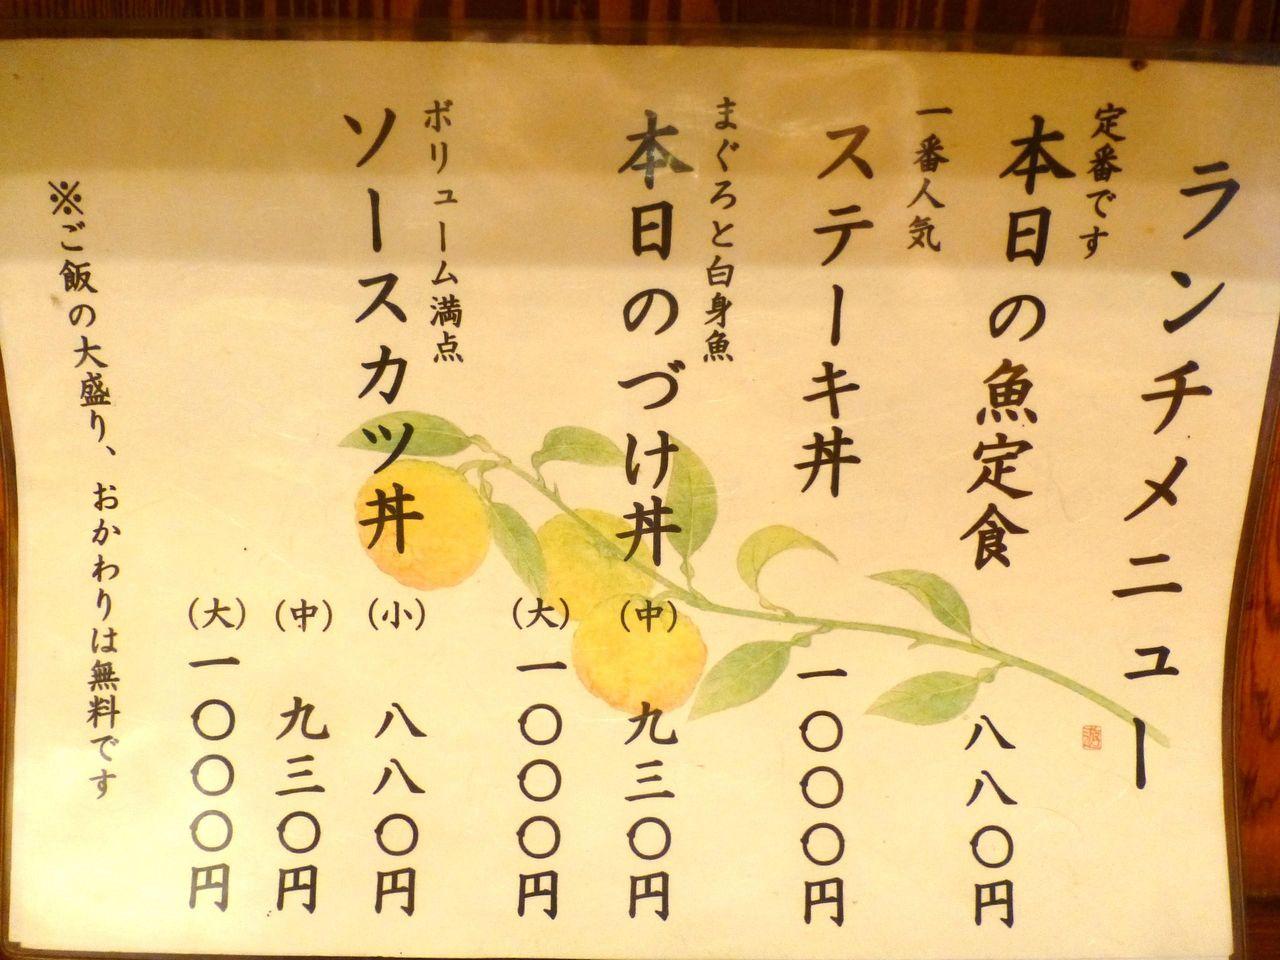 ぽん太のメニュー(26年7月現在)